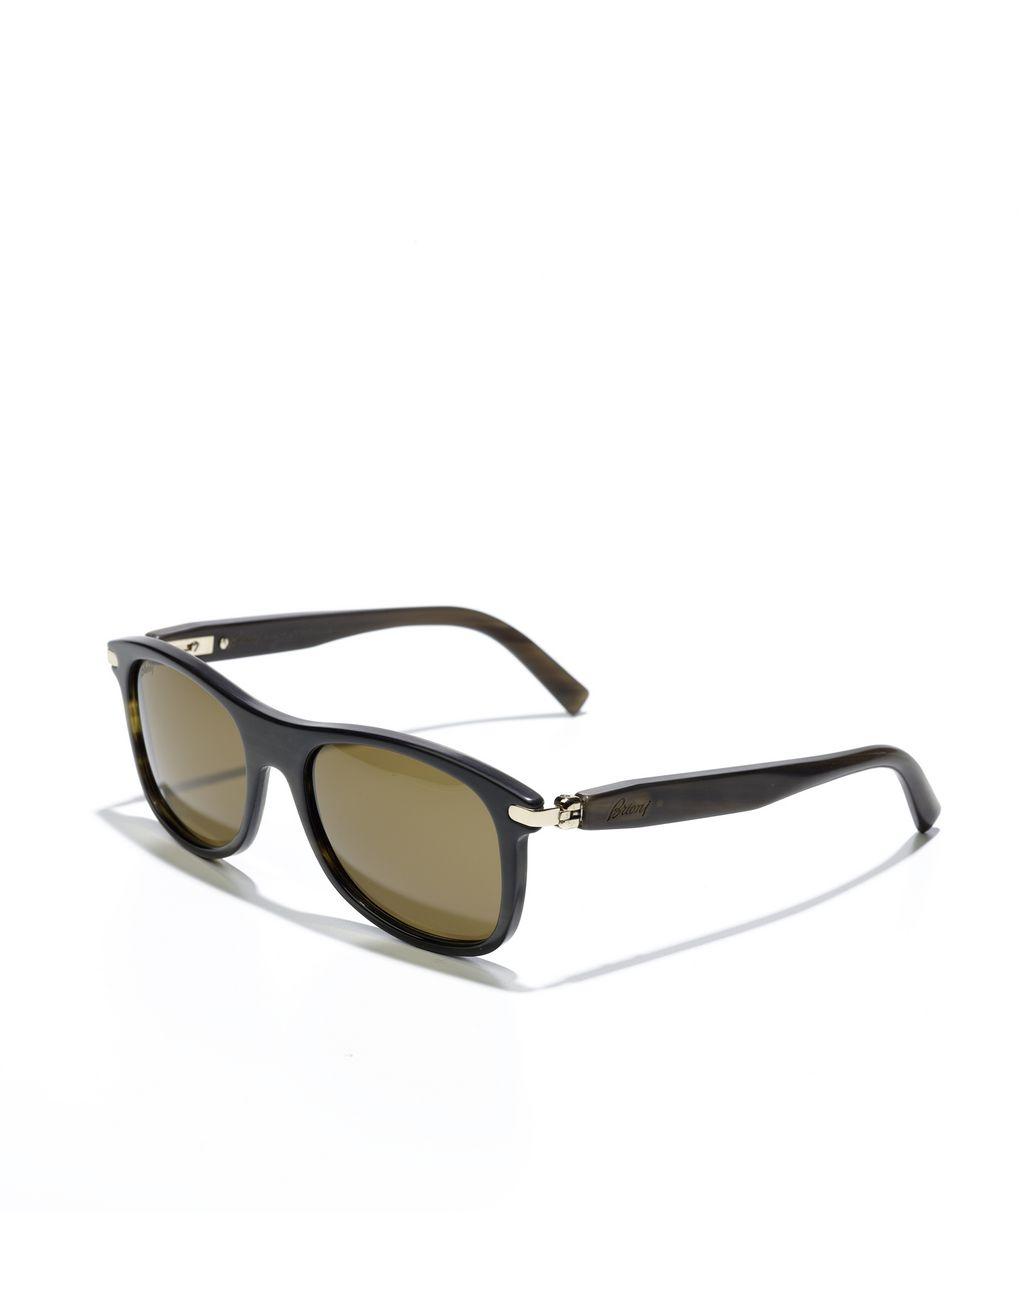 3161ee571b555 Lunettes De Soleil pour Homme Brioni | Boutique en ligne officielle ...